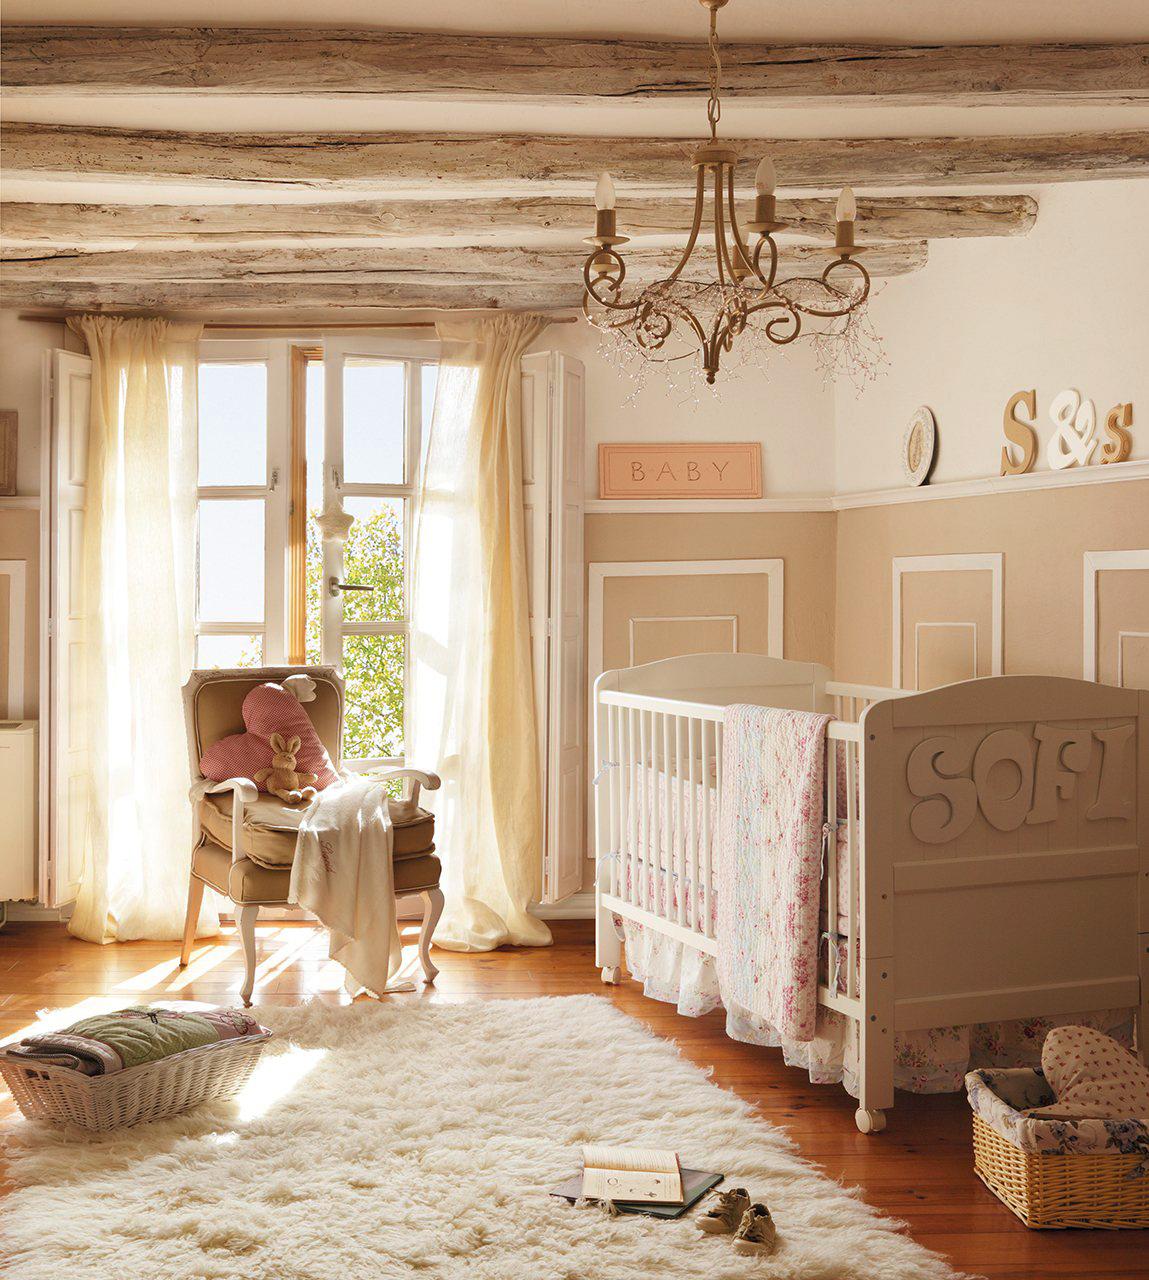 Bienvenido a casa c mo decorar su primer dormitorio - Dormitorio beige ...